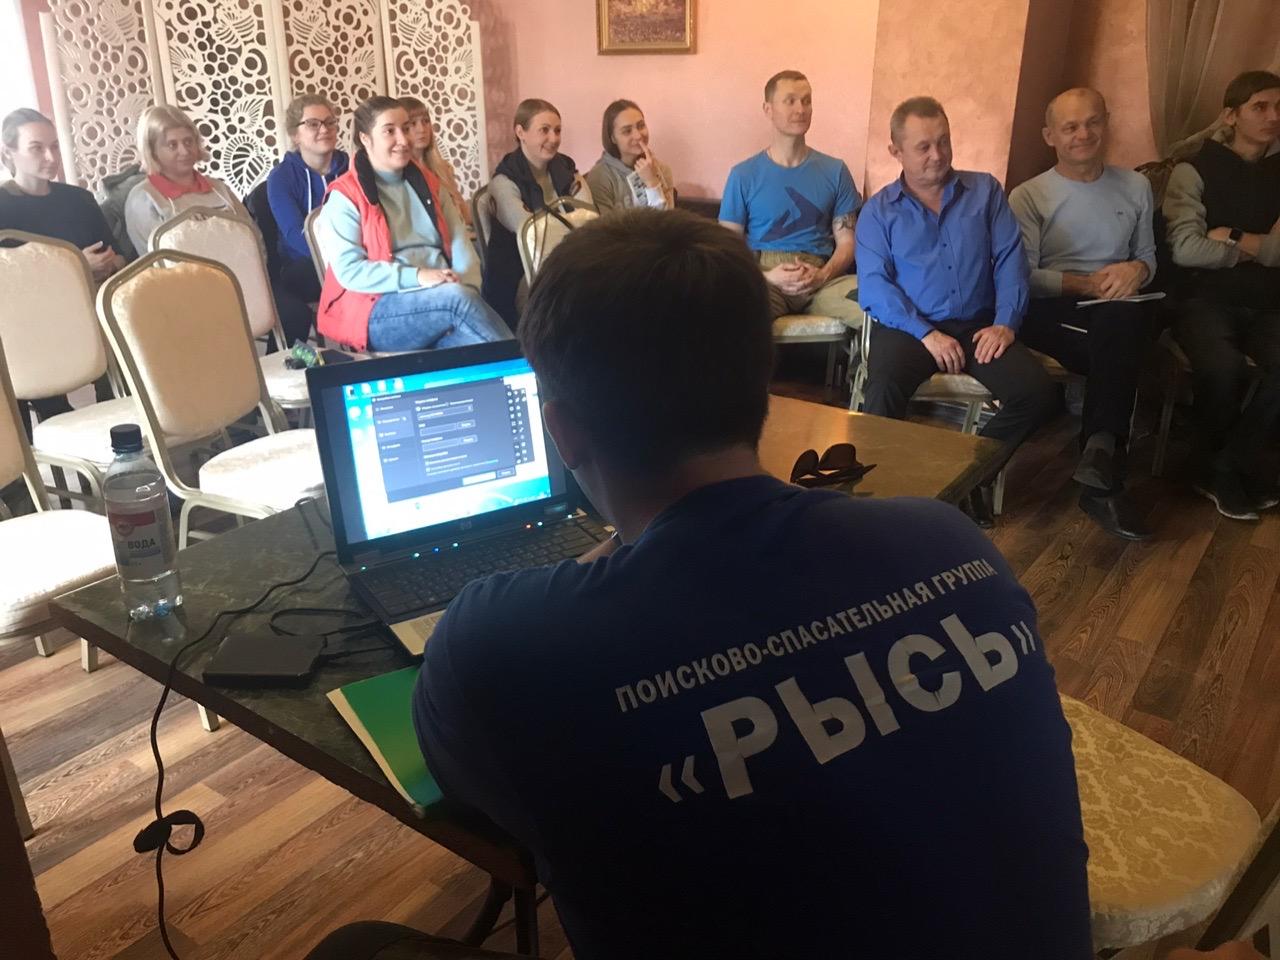 ПОИСКОВО-СПАСАТЕЛЬНЫЙ ЦЕНТР «РЫСЬ» провели обучение для Поисково-спасательная группа «РЫСЬ - Арзамас» и для новичков из ПСГ «Рысь - Выкса».